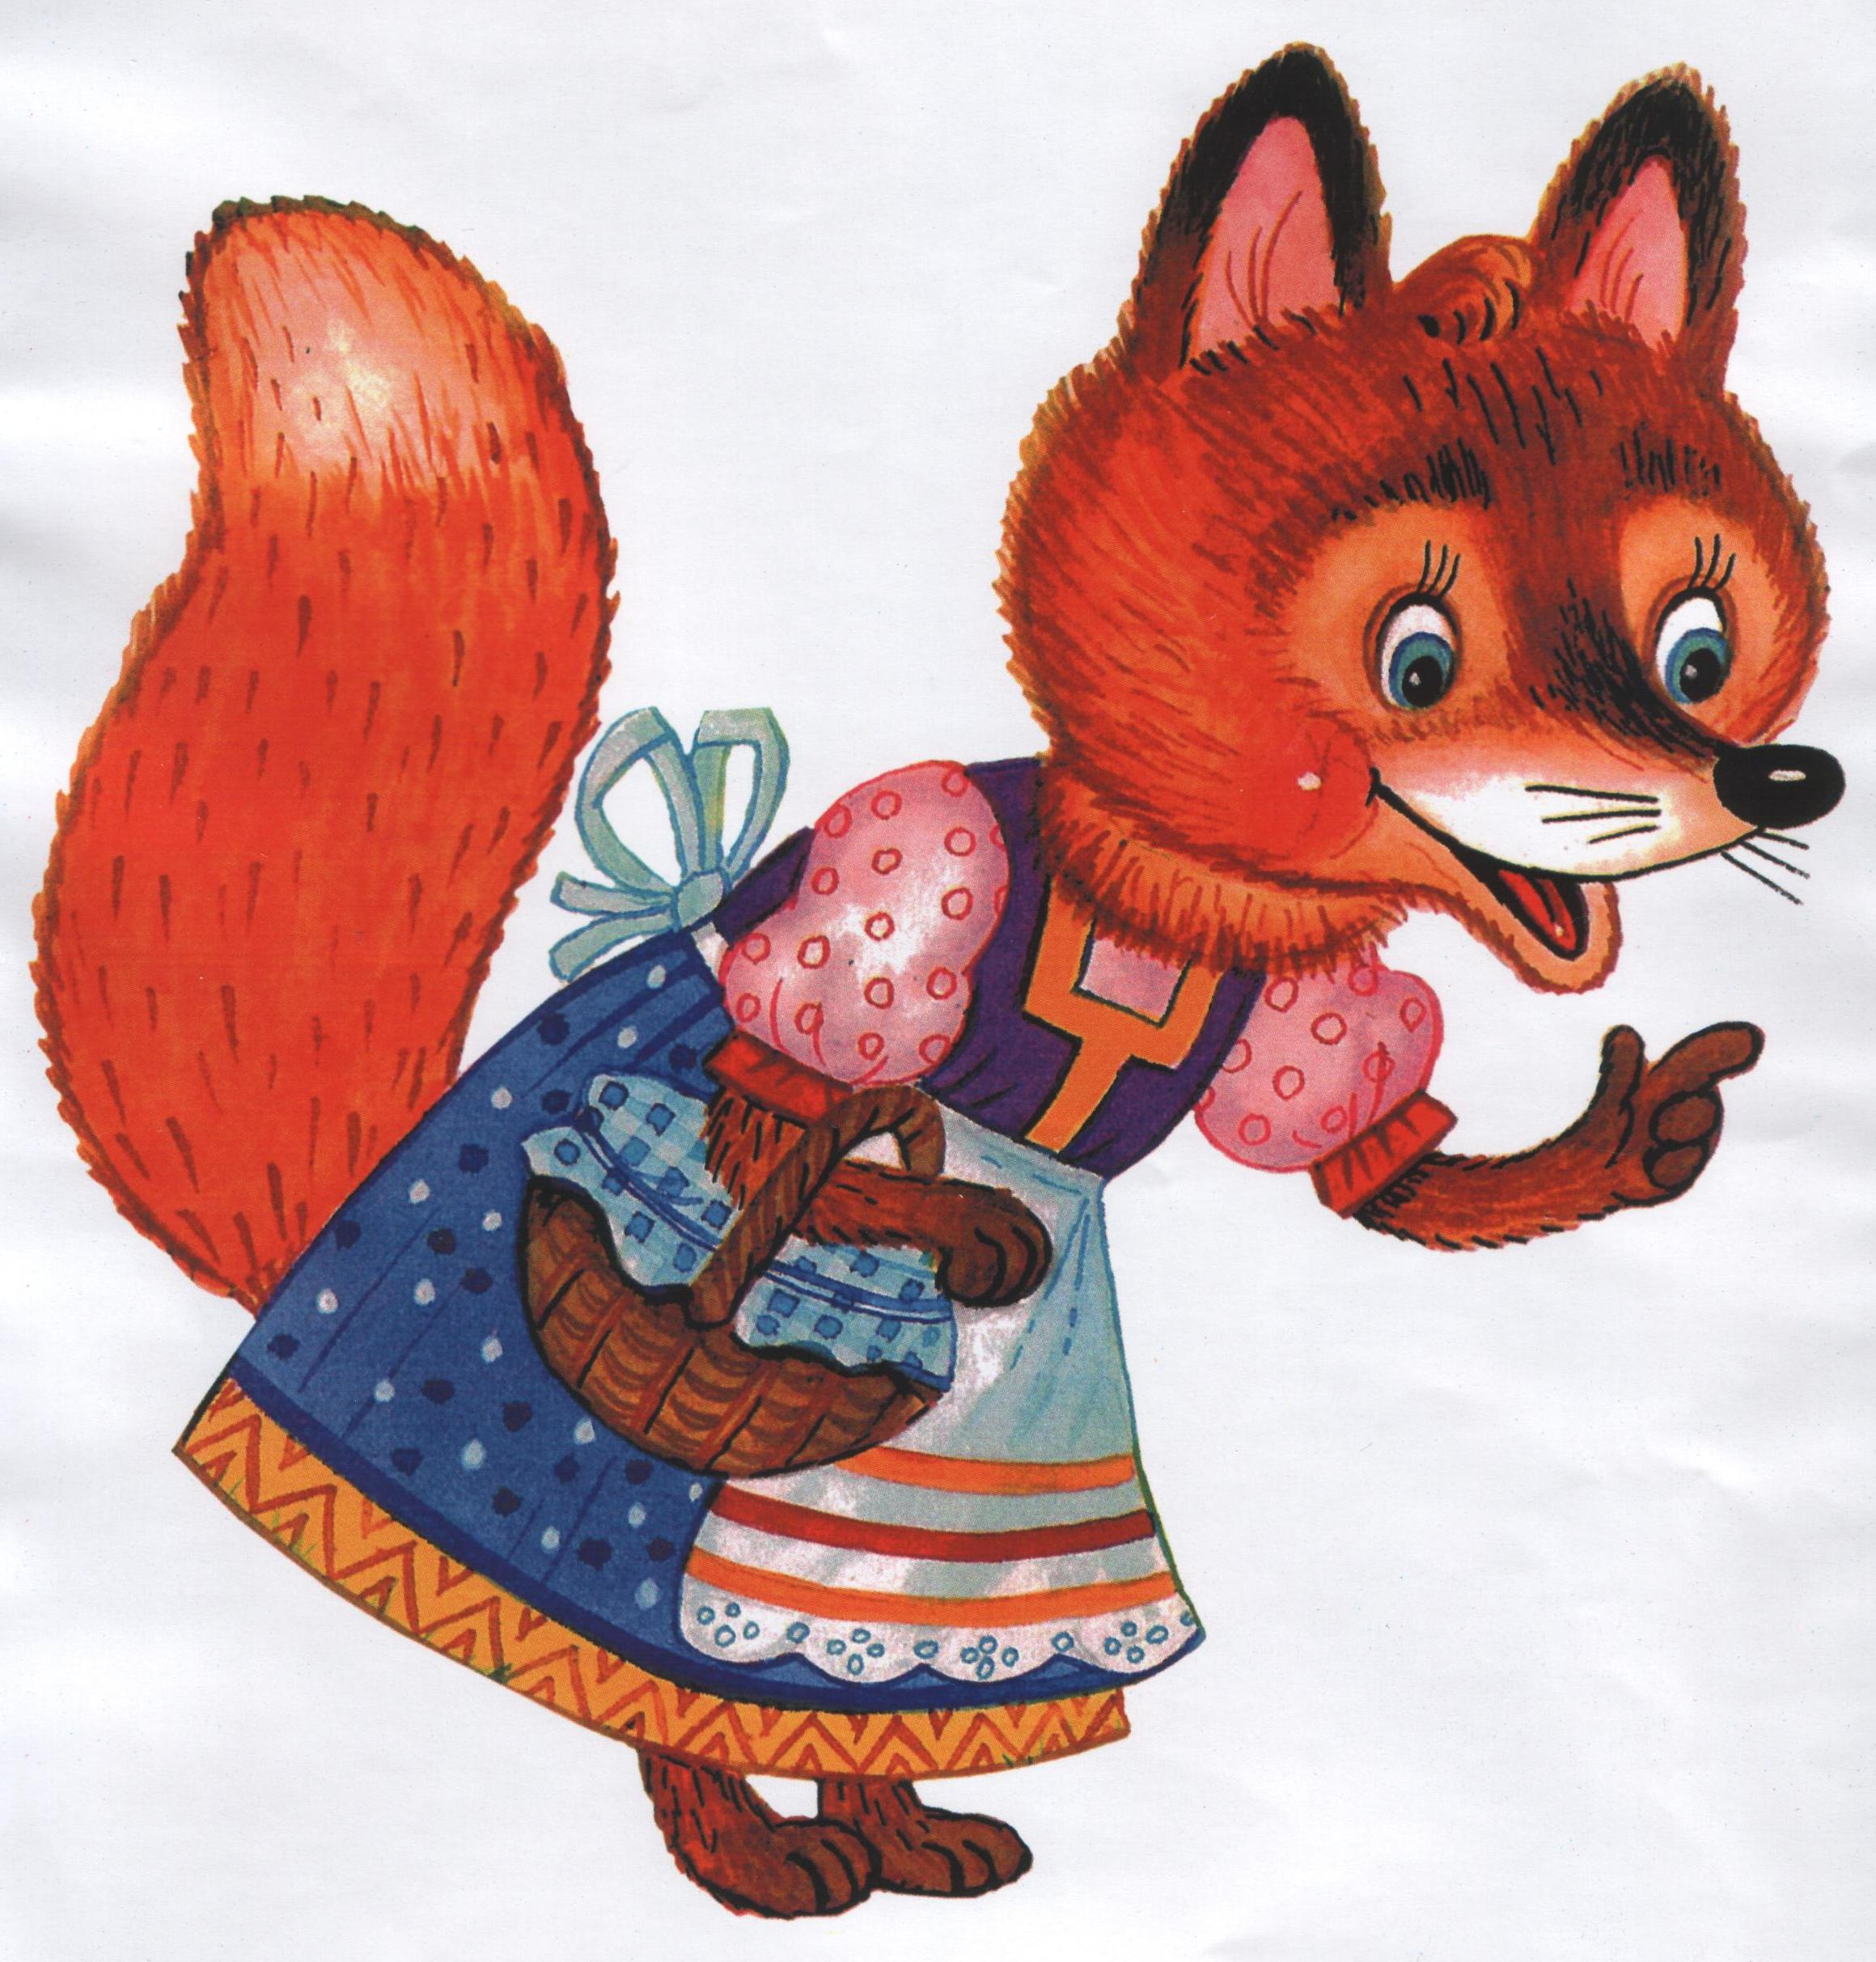 Картинка лиса и колобок из сказки для детей